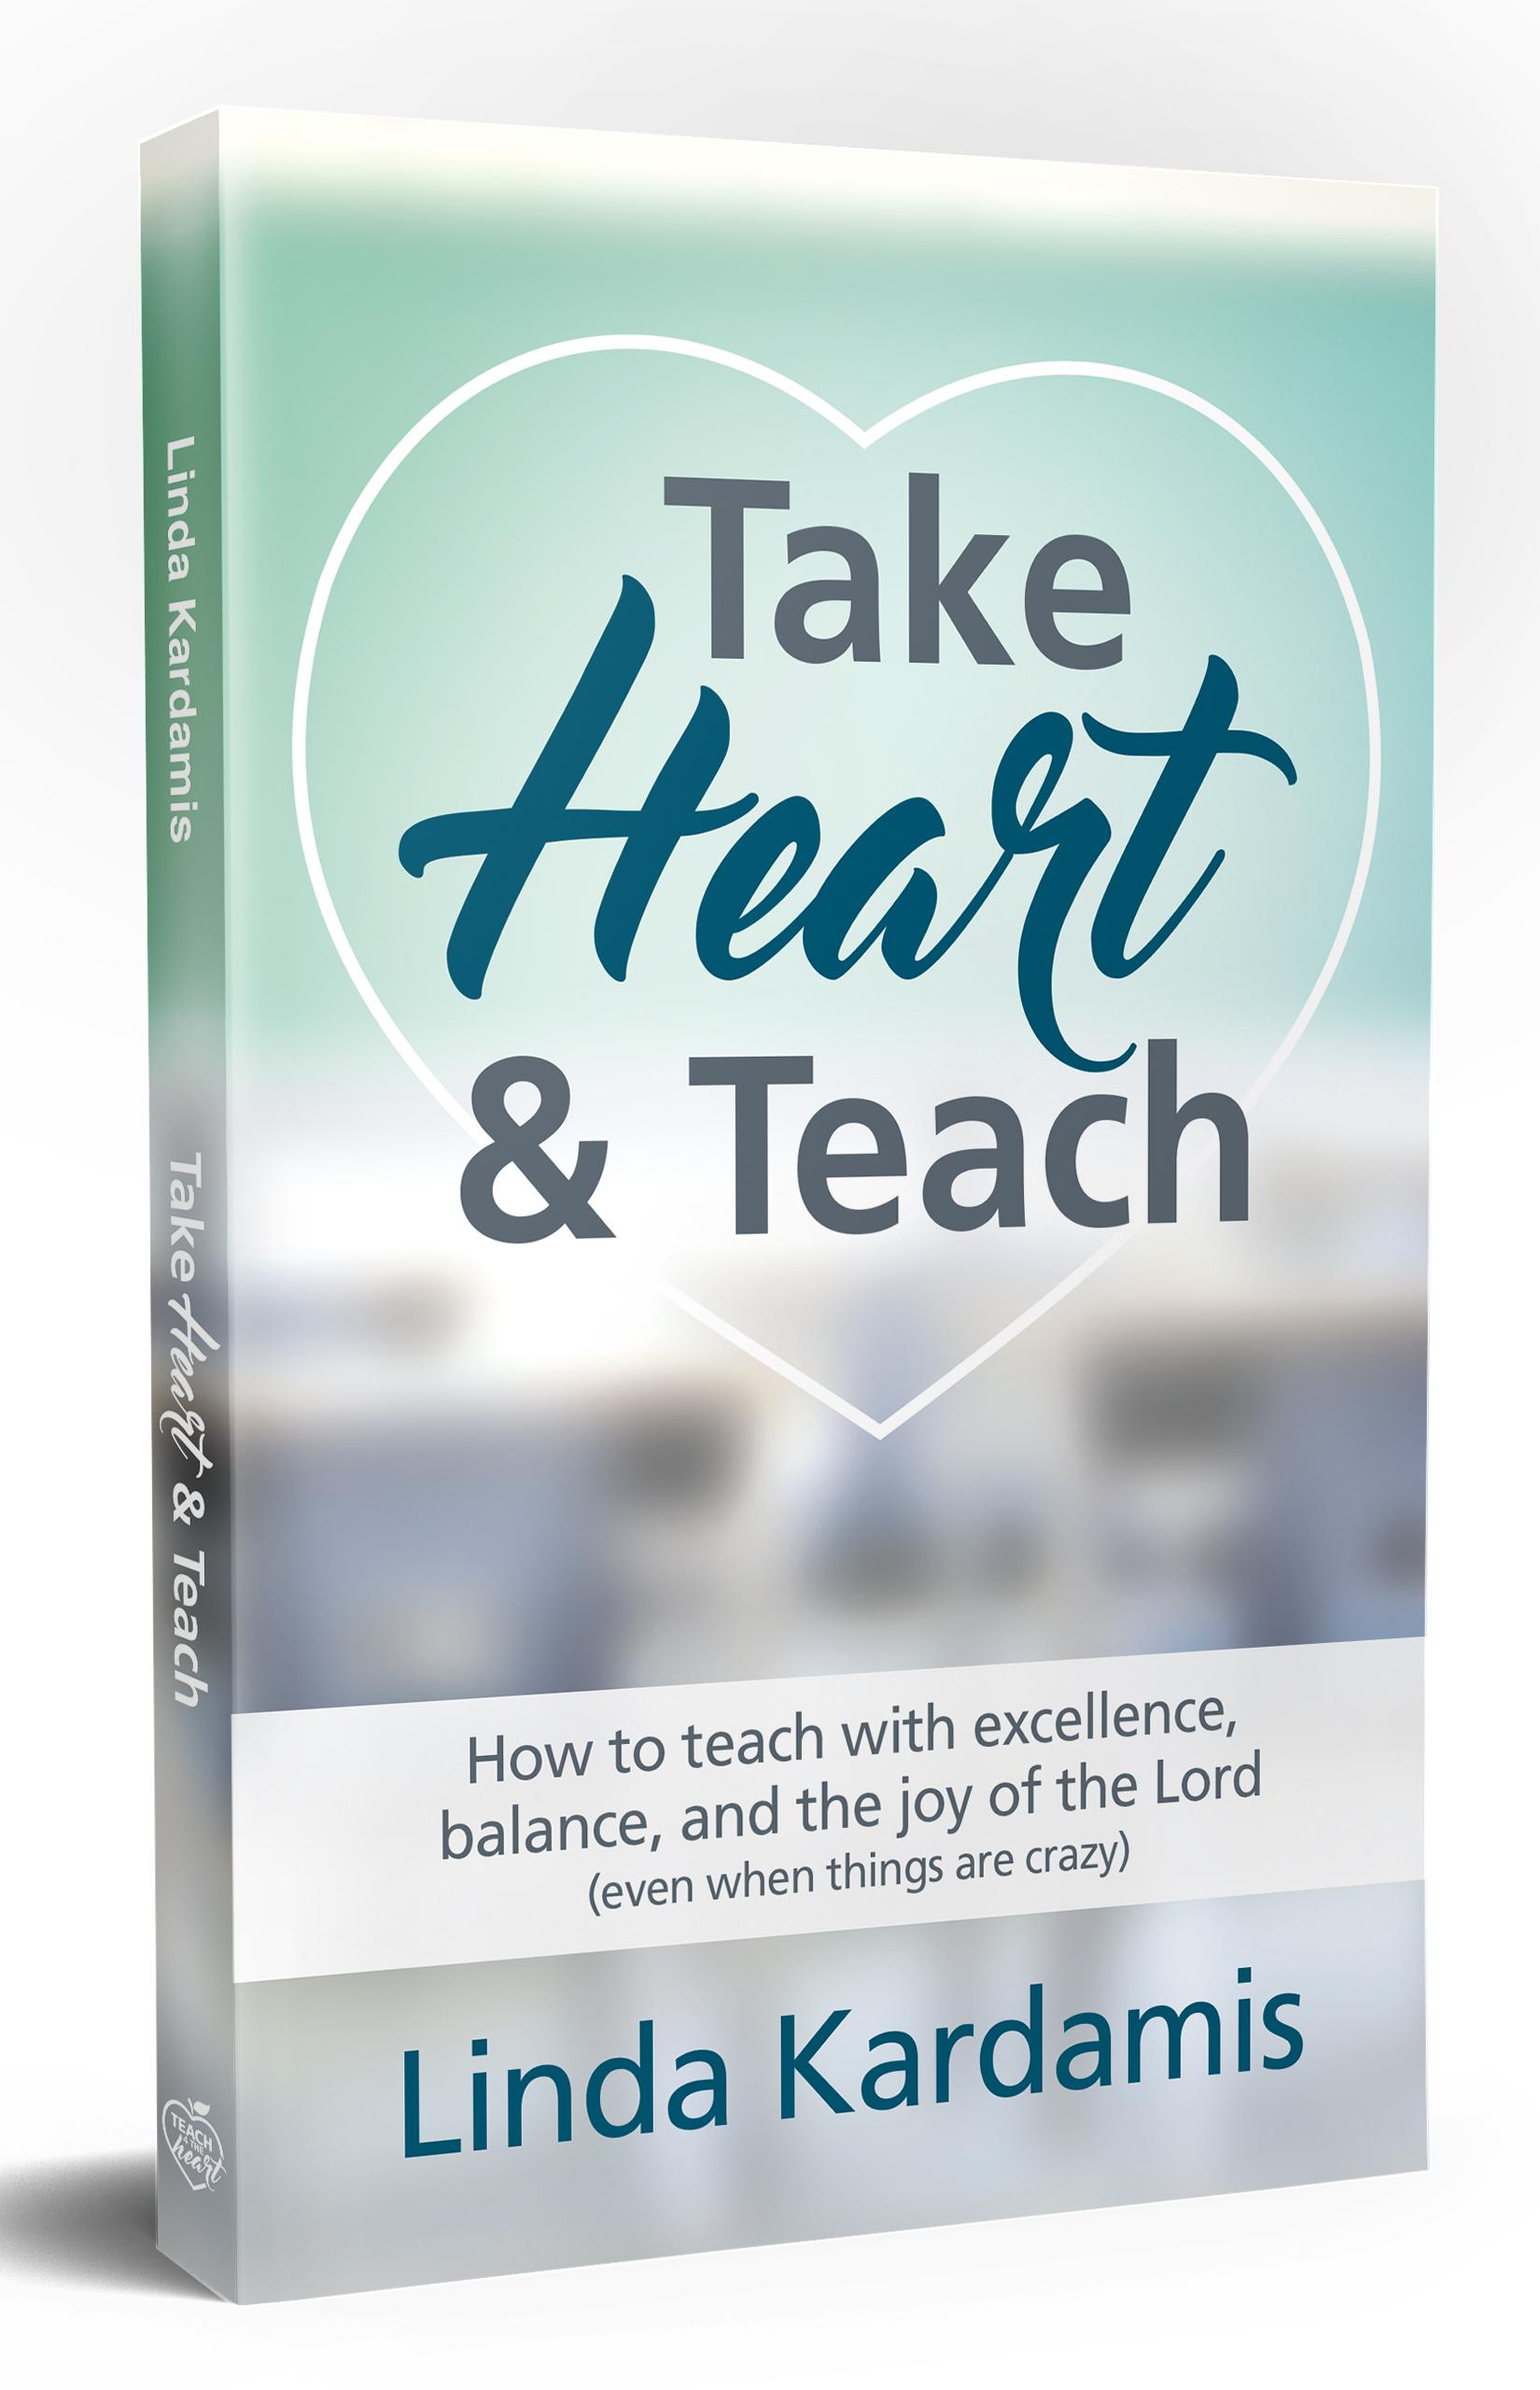 Take Heart & Teach book cover